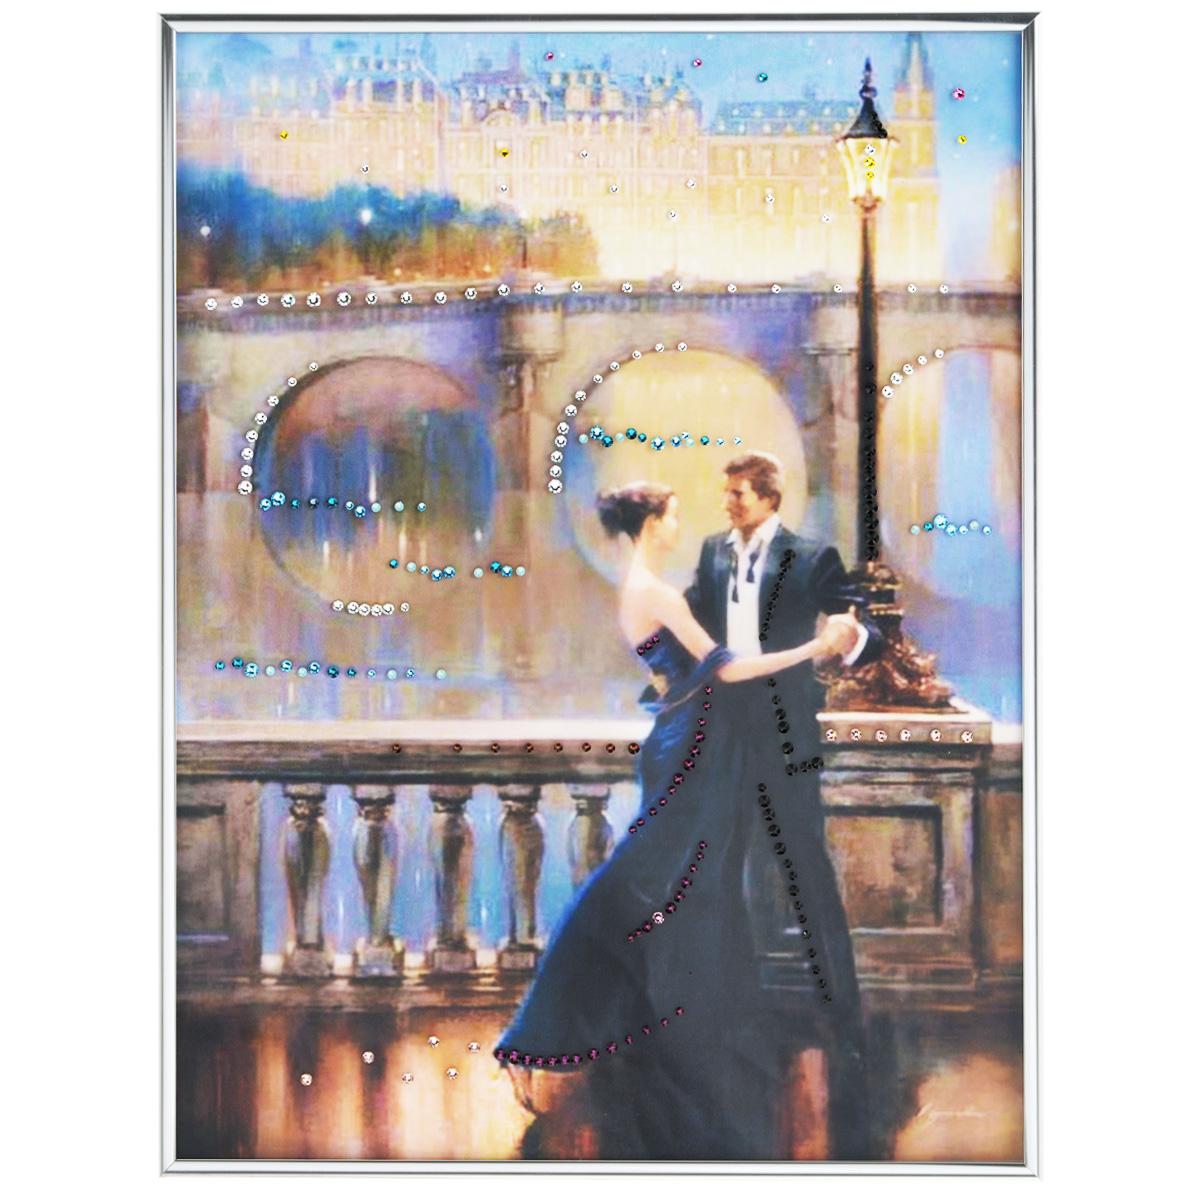 Картина с кристаллами Swarovski Танец любви, 30 см х 40 см8-478Изящная картина в багетной раме, инкрустирована кристаллами Swarovski, которые отличаются четкой и ровной огранкой, ярким блеском и чистотой цвета. Красочное изображение овечки, расположенное под стеклом, прекрасно дополняет блеск кристаллов. С обратной стороны имеется металлическая петелька для размещения картины на стене. Картина с кристаллами Swarovski Танец любви элегантно украсит интерьер дома или офиса, а также станет прекрасным подарком, который обязательно понравится получателю. Блеск кристаллов в интерьере, что может быть сказочнее и удивительнее. Картина упакована в подарочную картонную коробку синего цвета и комплектуется сертификатом соответствия Swarovski. Количество кристаллов: 219 шт. Размер картины: 30 см х 40 см.